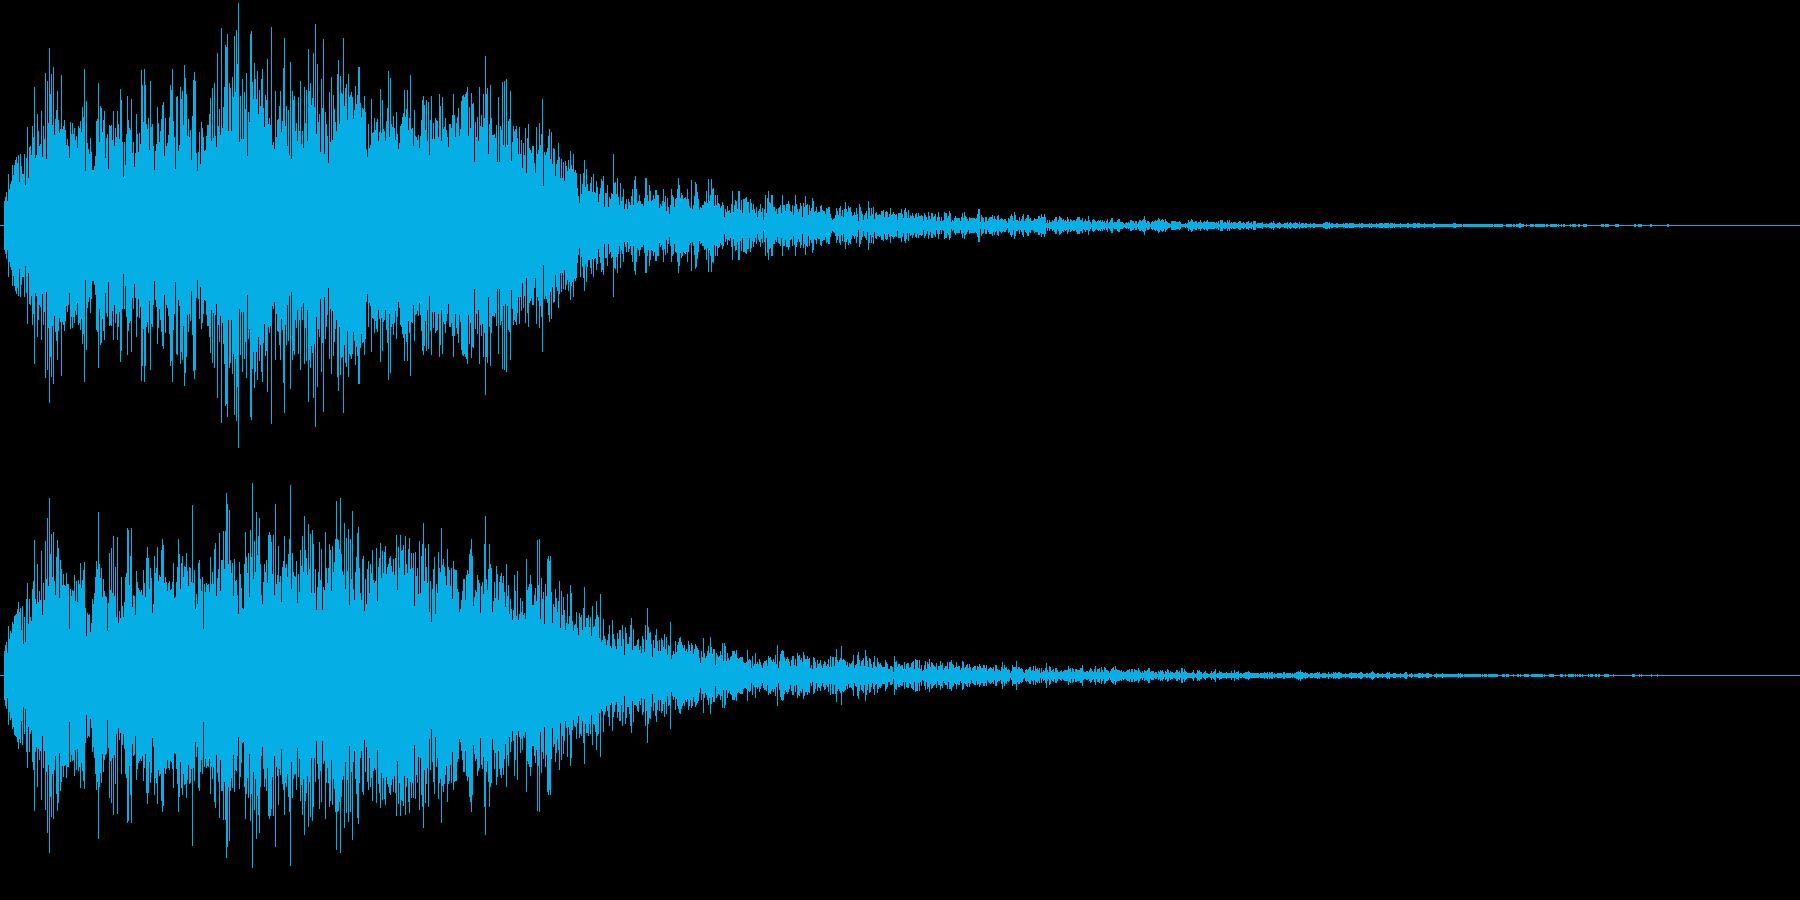 ゲームレベルアップに使えるファンファーレの再生済みの波形